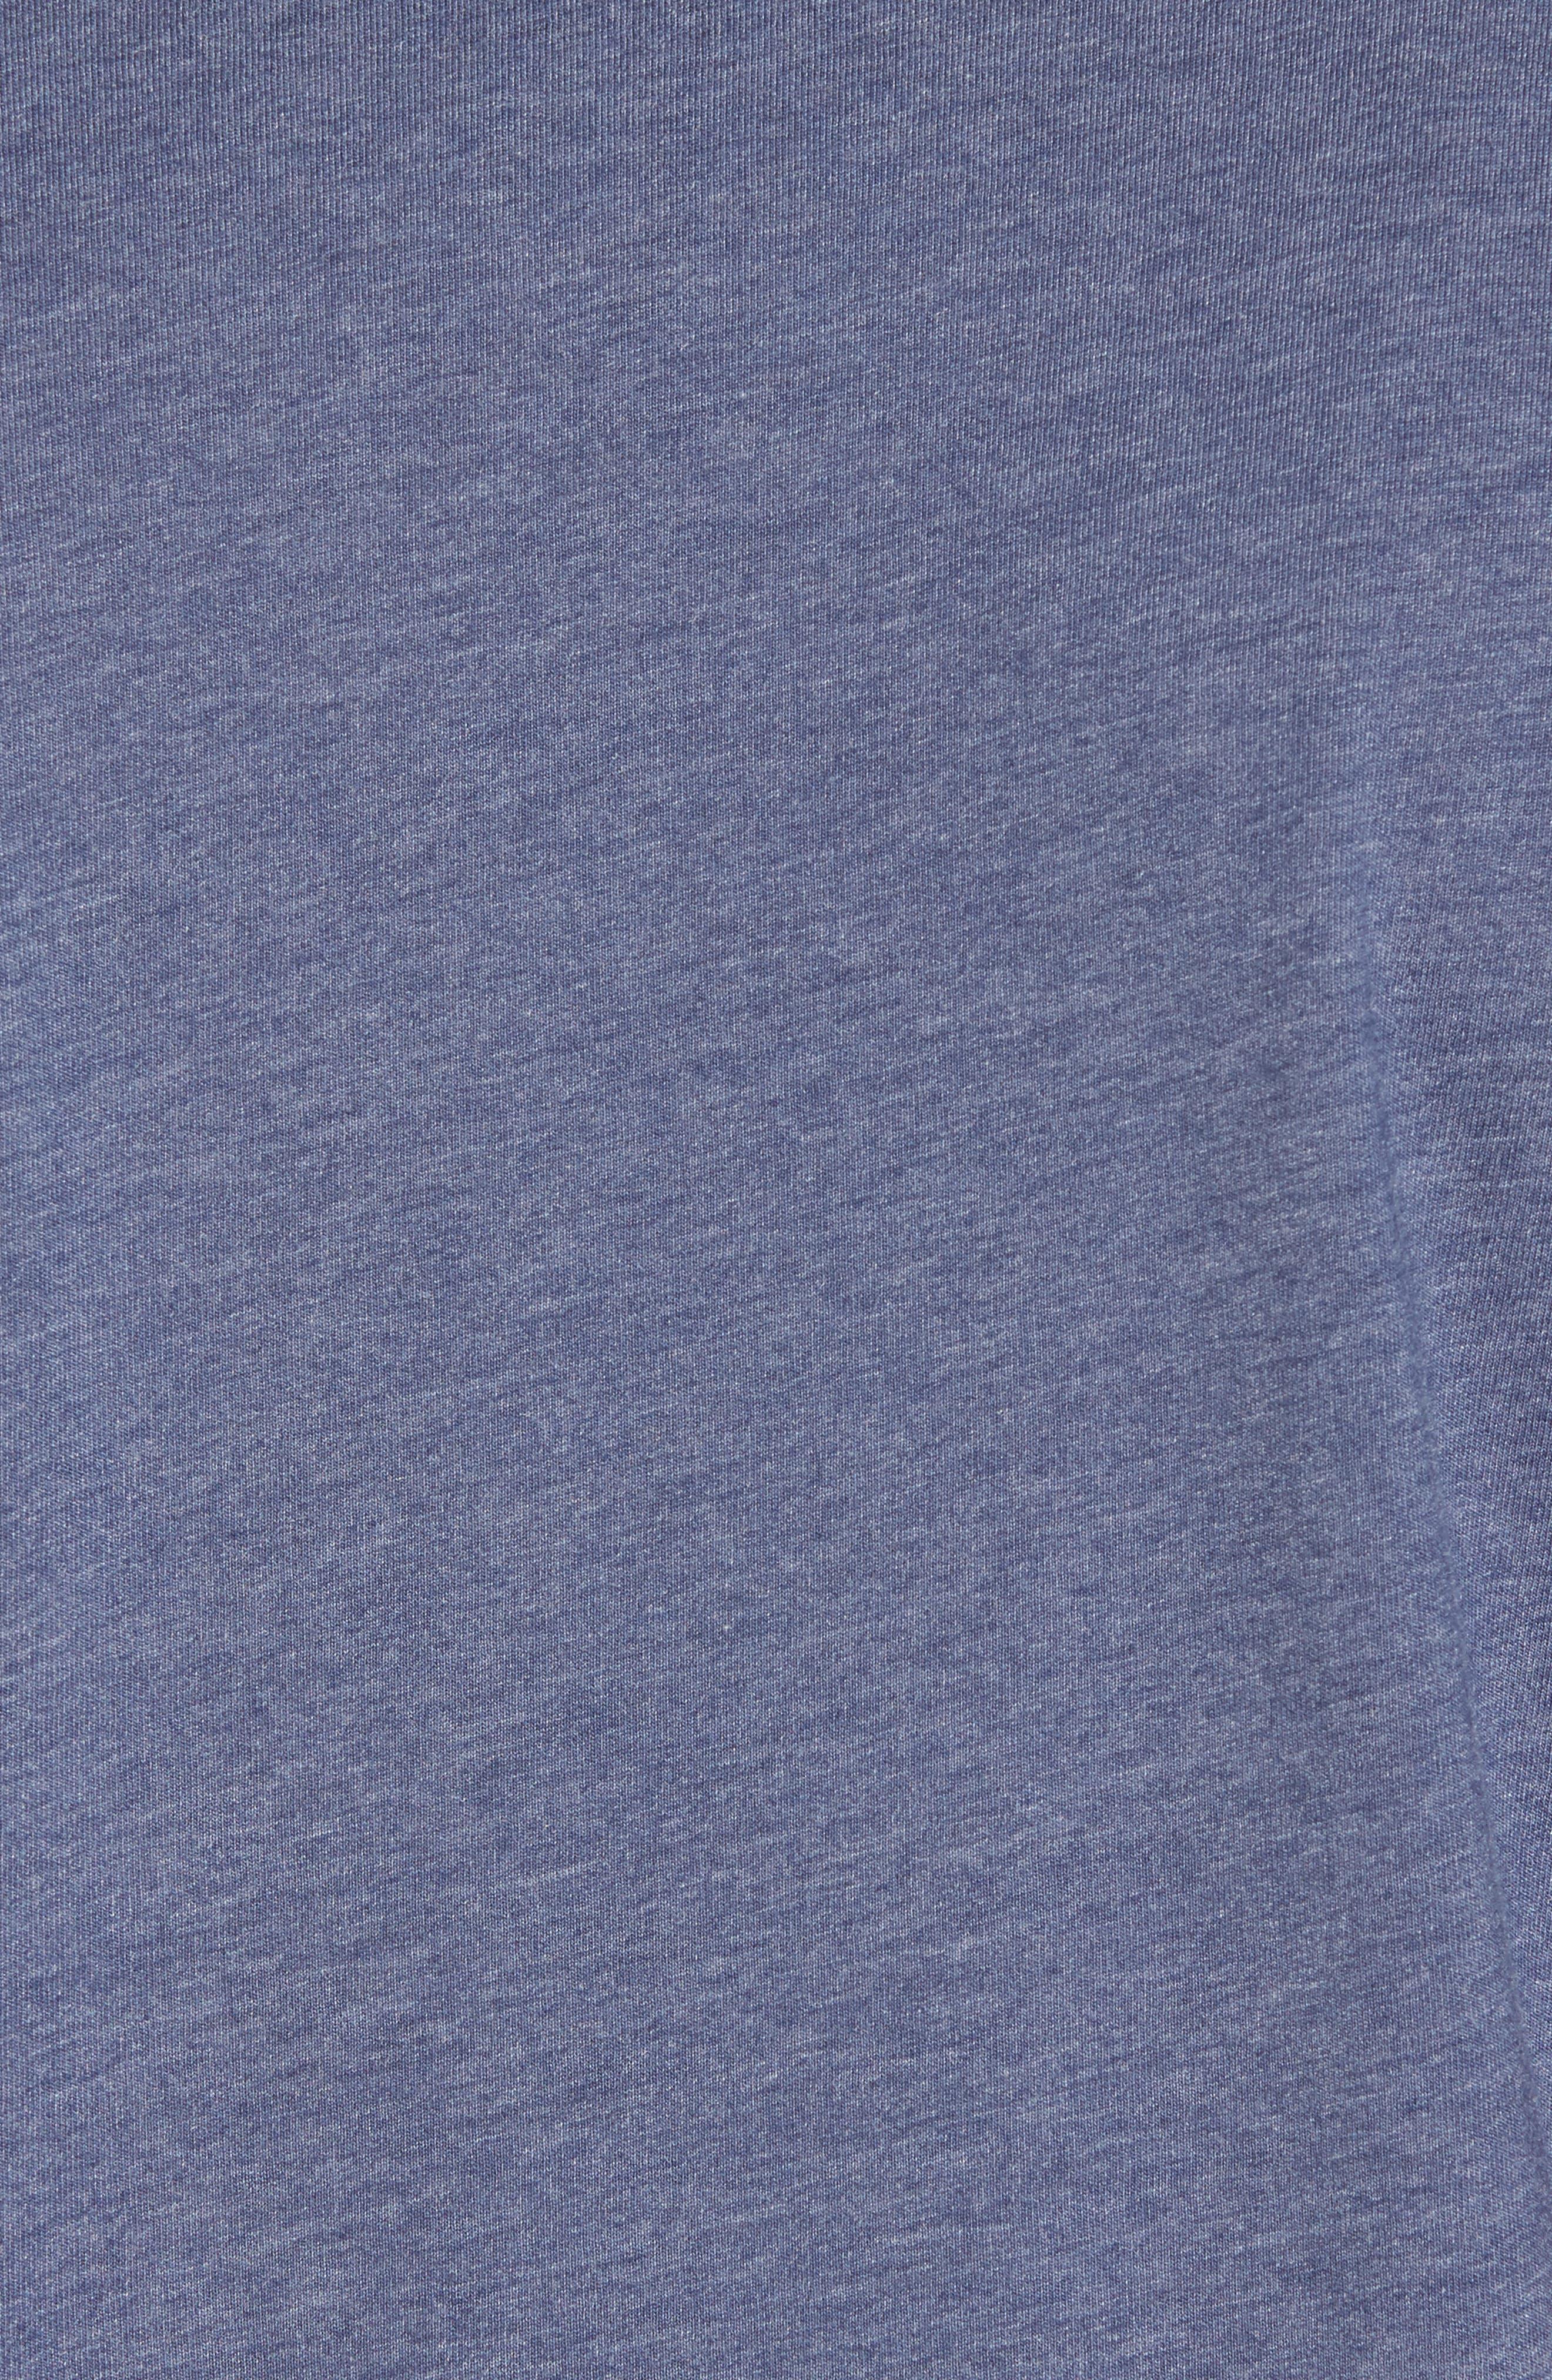 Drebo Graphic T-Shirt,                             Alternate thumbnail 5, color,                             400